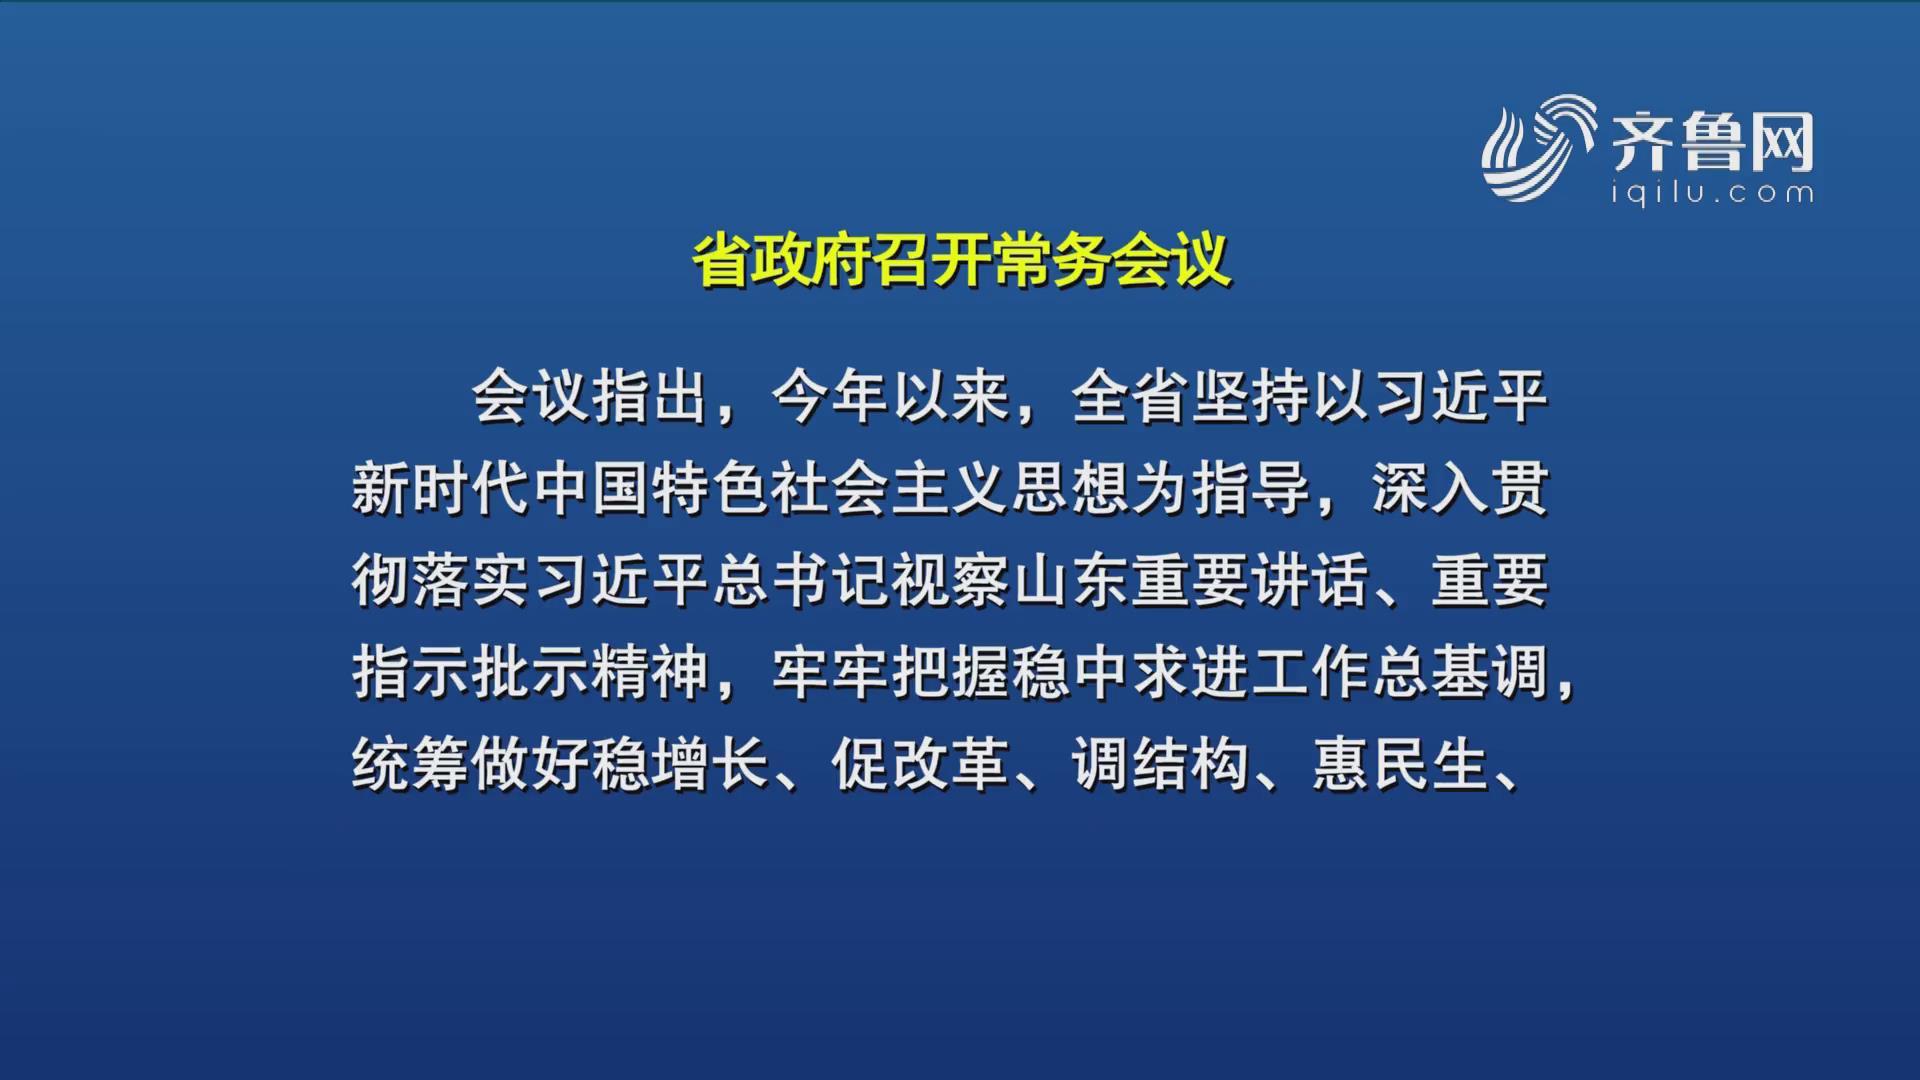 《齐鲁金融》10-30:省政府召开常务会议